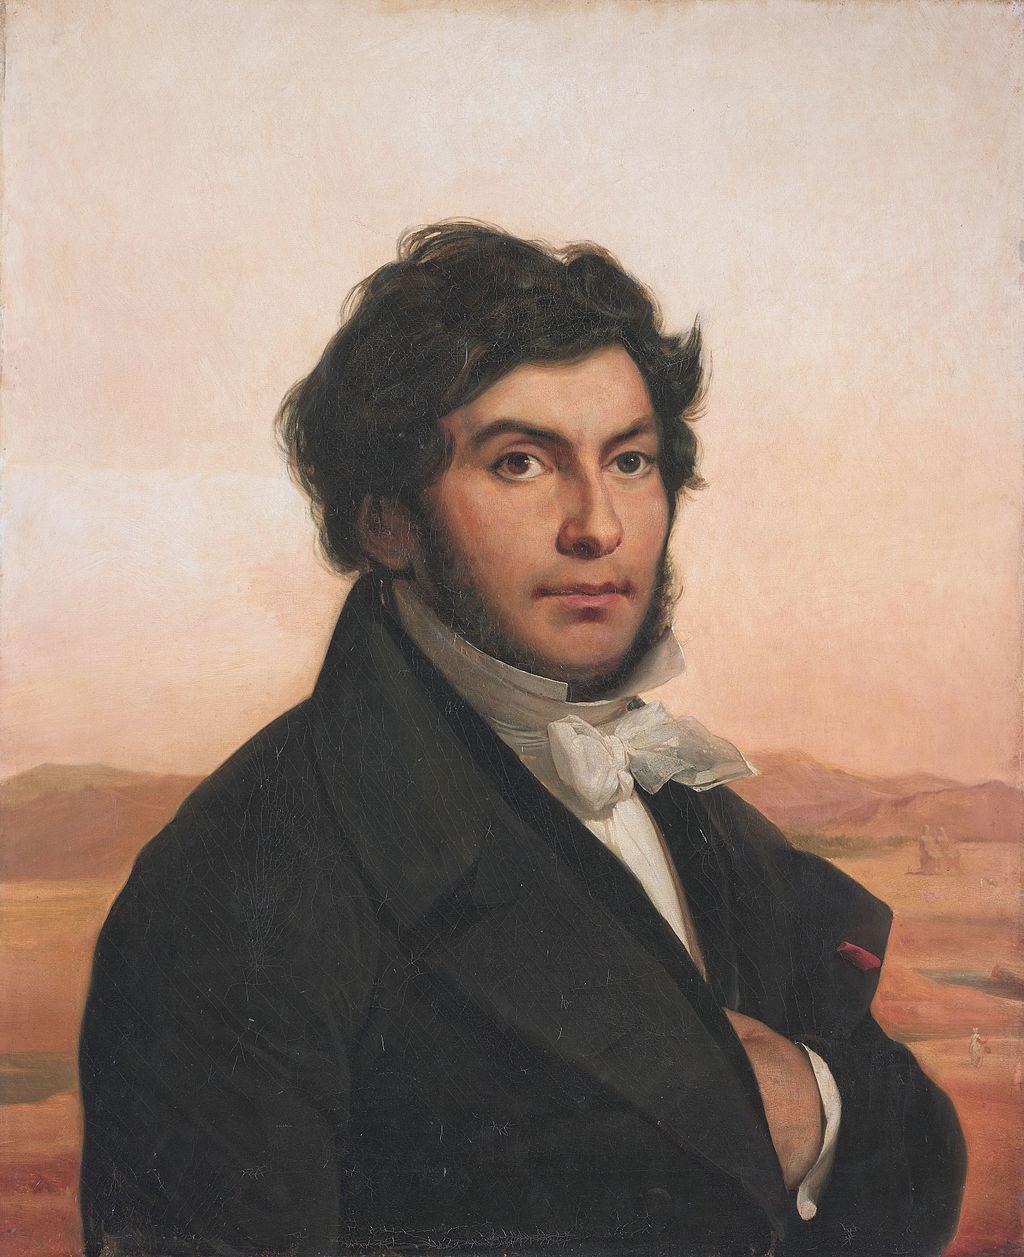 ז'אן פרנסואה שאמפוליון. מקור הפורטרט מוזיאון הלובר.